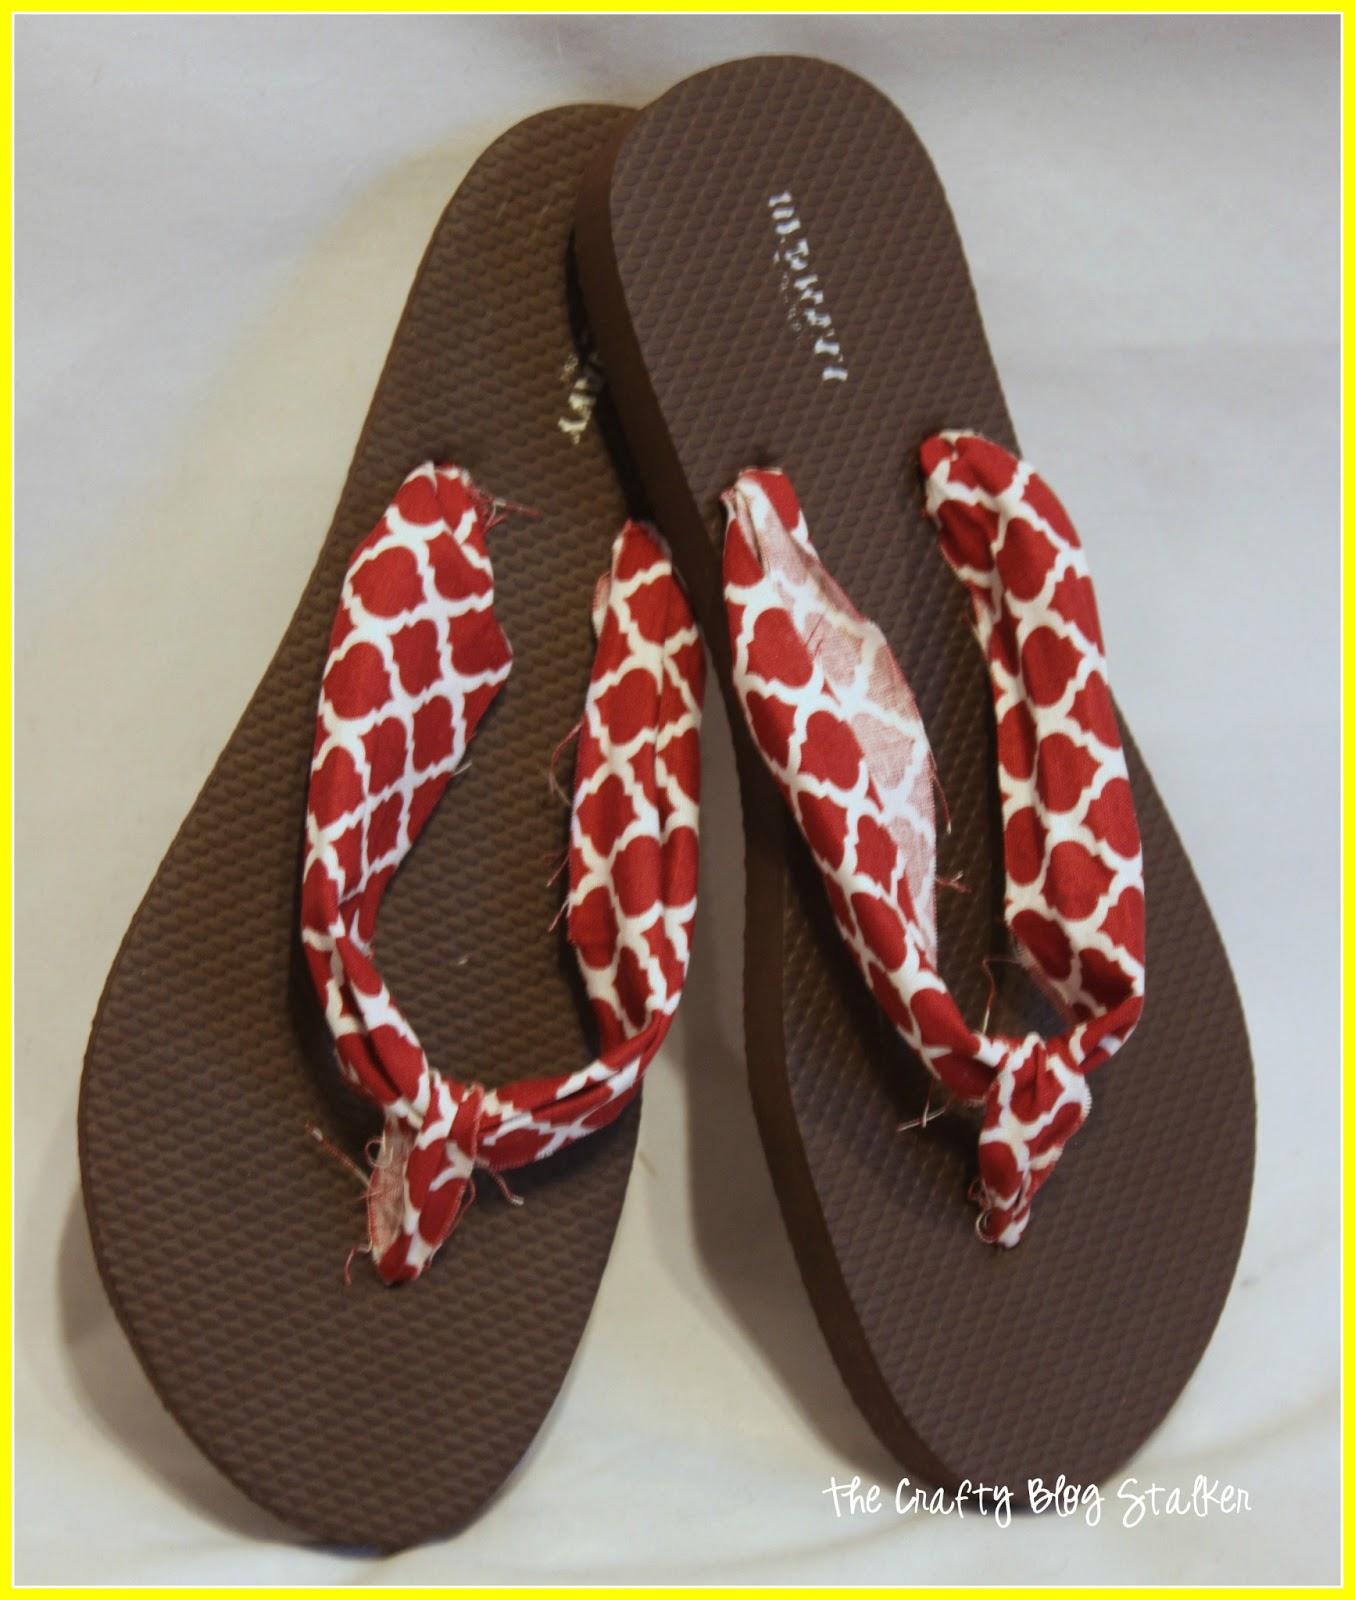 da69a9fa5 How to Make Fabric Flip Flops - The Crafty Blog Stalker